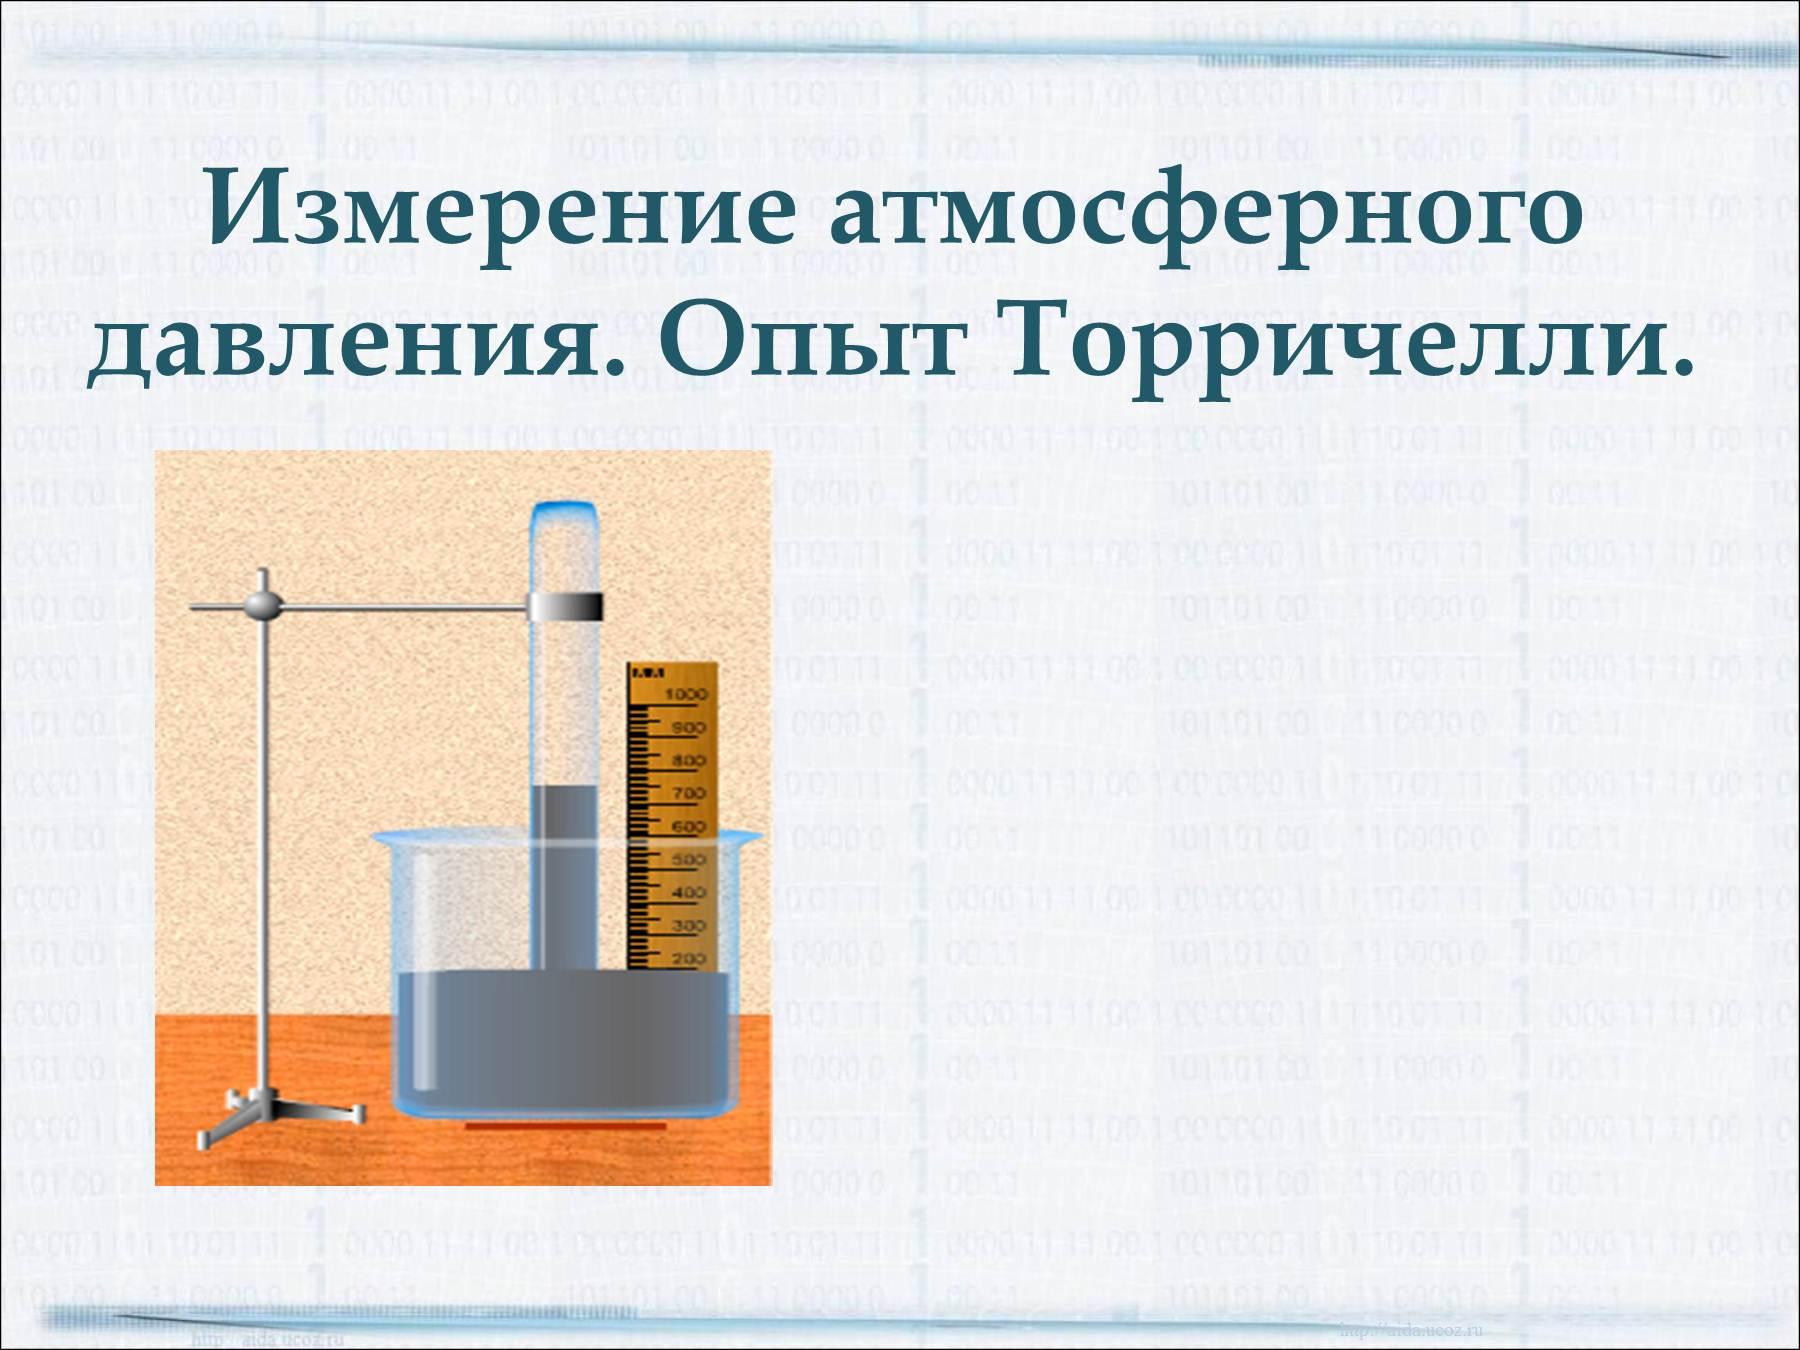 Скачать презентации по теме атмосферное давление